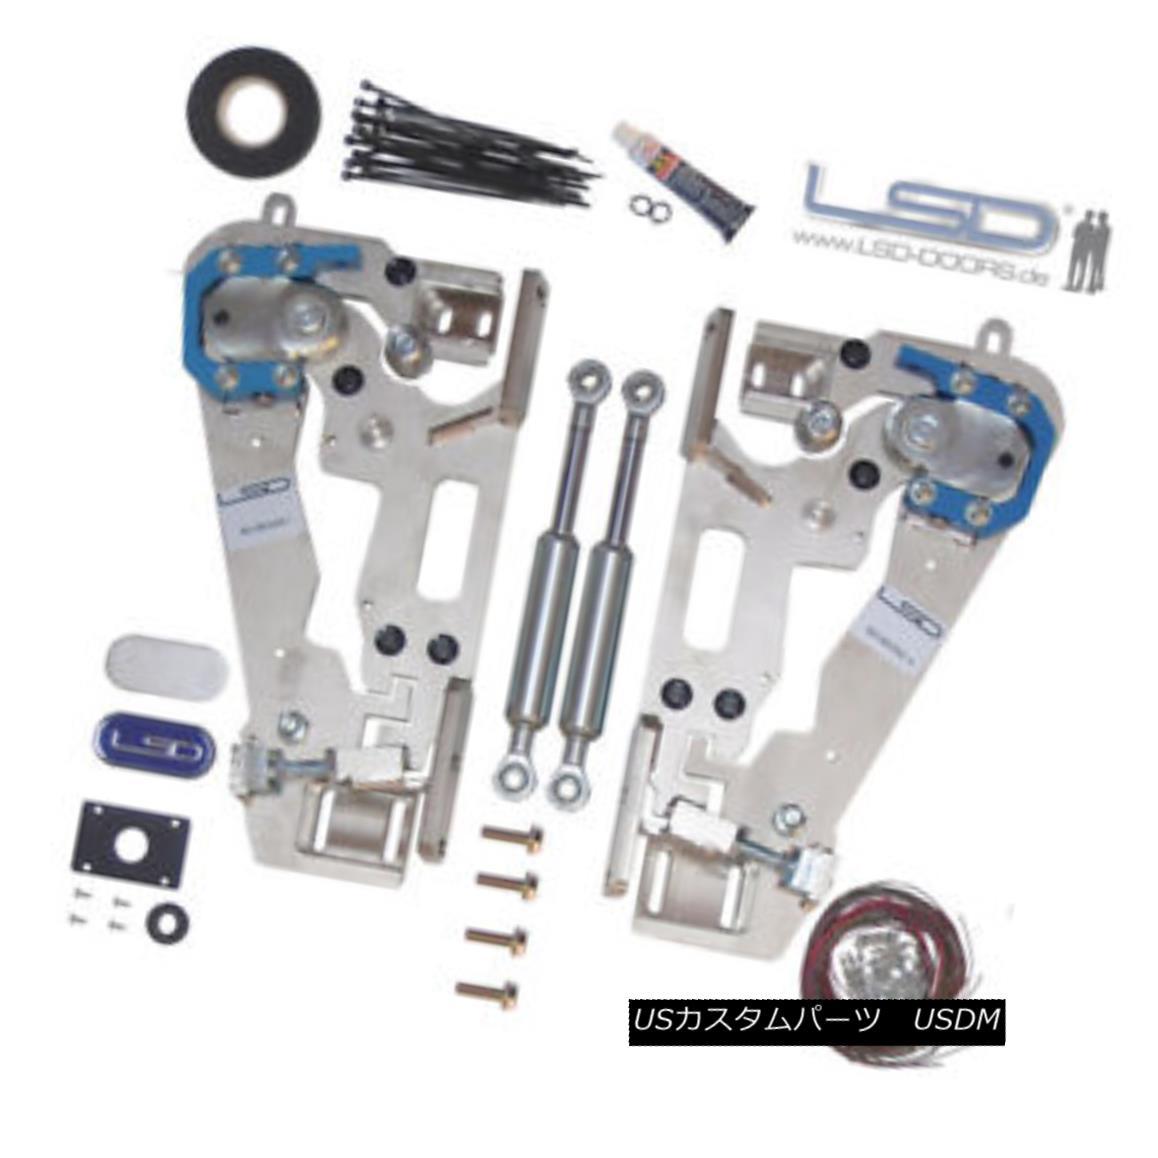 ガルウィングキット LSD Doors Lambo Style for Mazda MX-5 NC1E Vertical Door Kit 50075004 . マツダMX-5 NC1E垂直ドアキット50075004用のLSDドアランボスタイル。